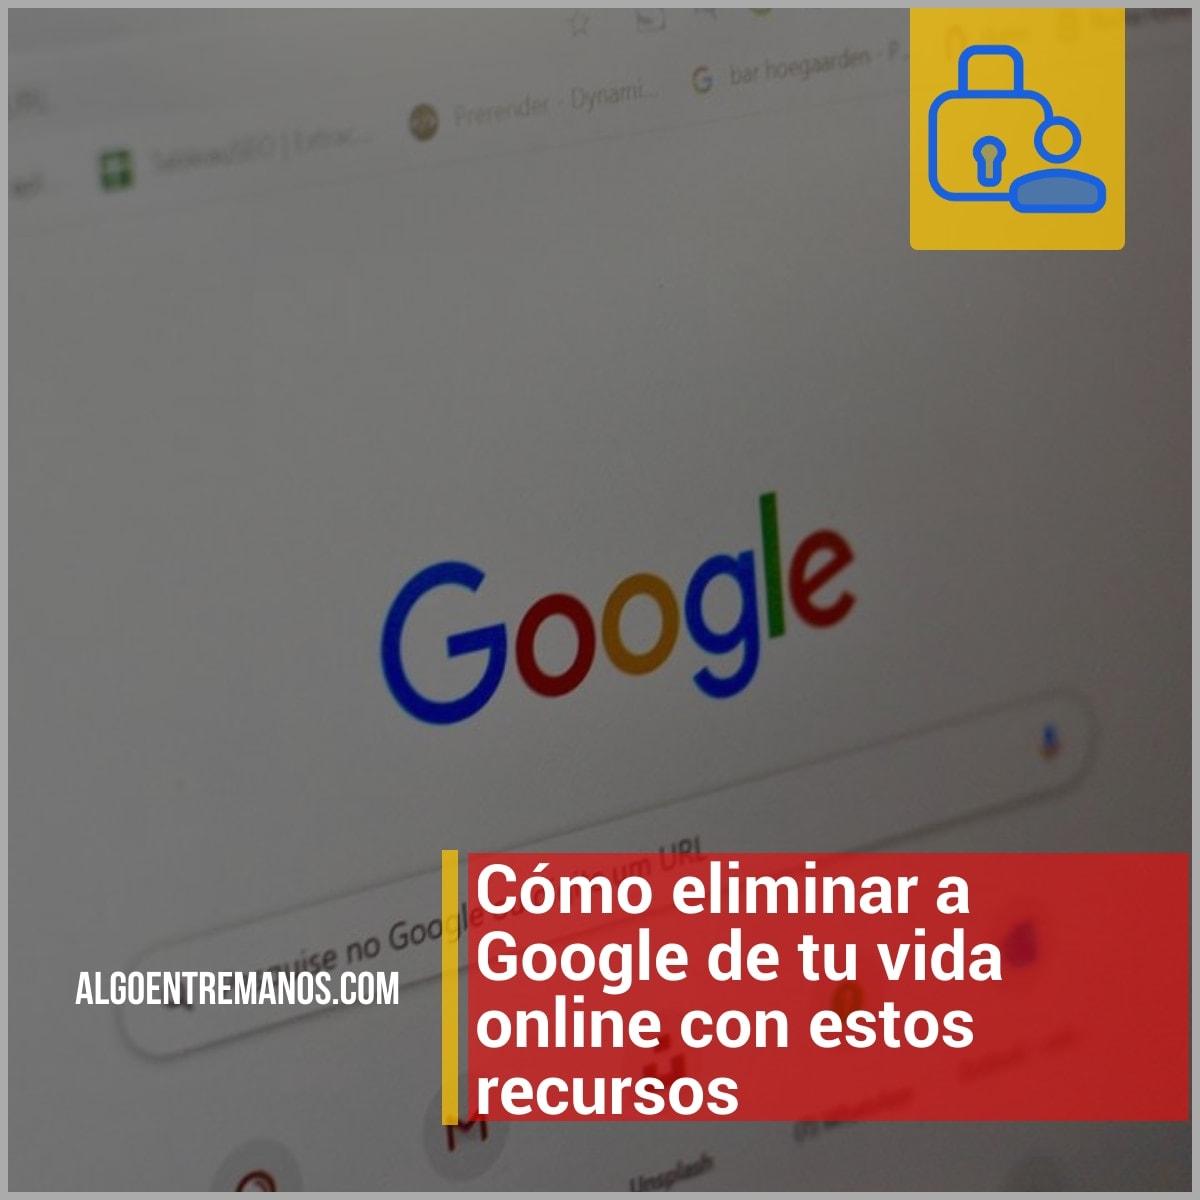 Los mejores recursos para eliminar Google de tu vida online